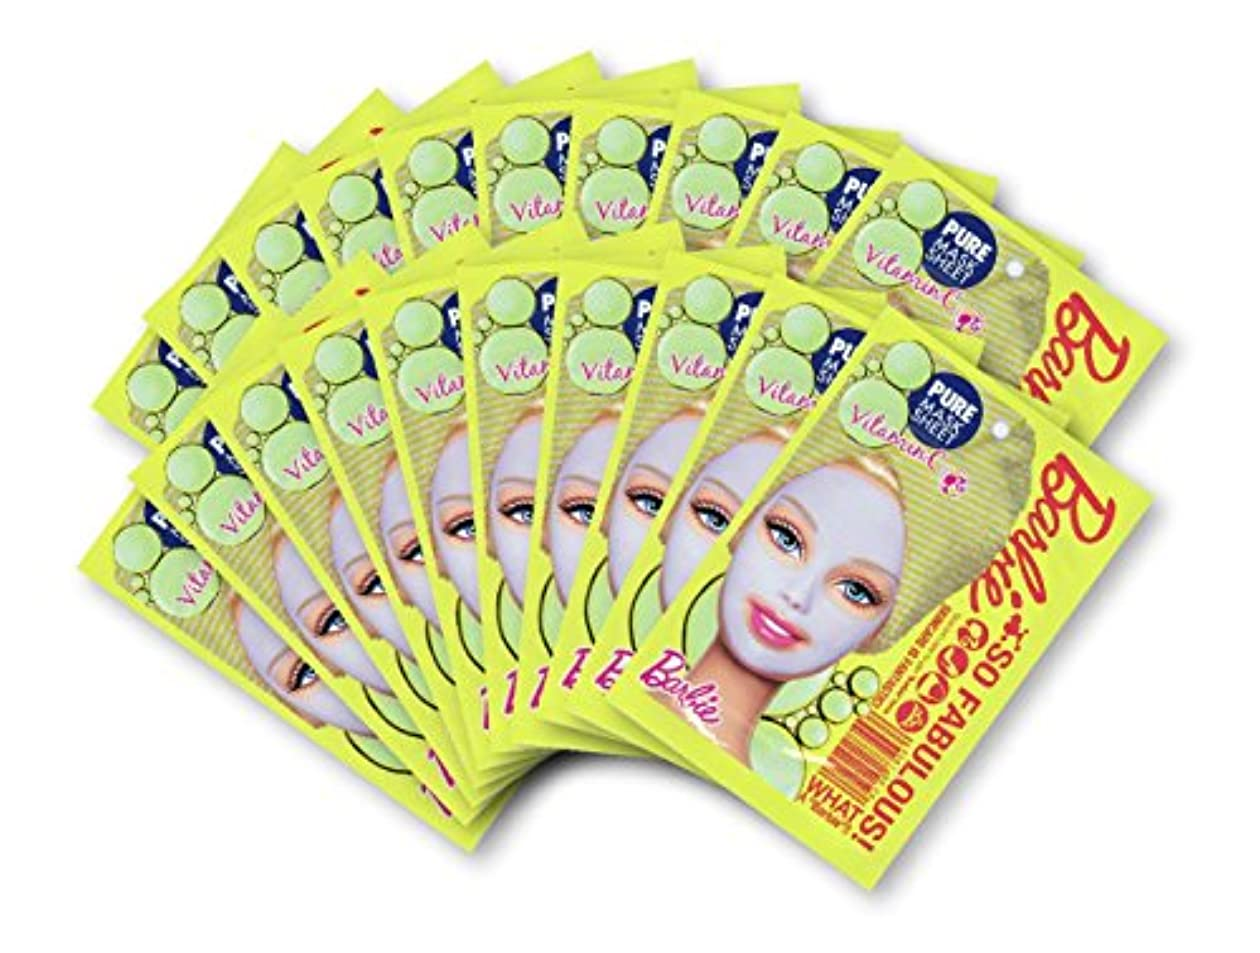 入場料バーゲンゲートバービー (Barbie) フェイスマスク ピュアマスクシートN (ビタミンC) 25ml×20枚入り [透明感] 顔 シートマスク フェイスパック